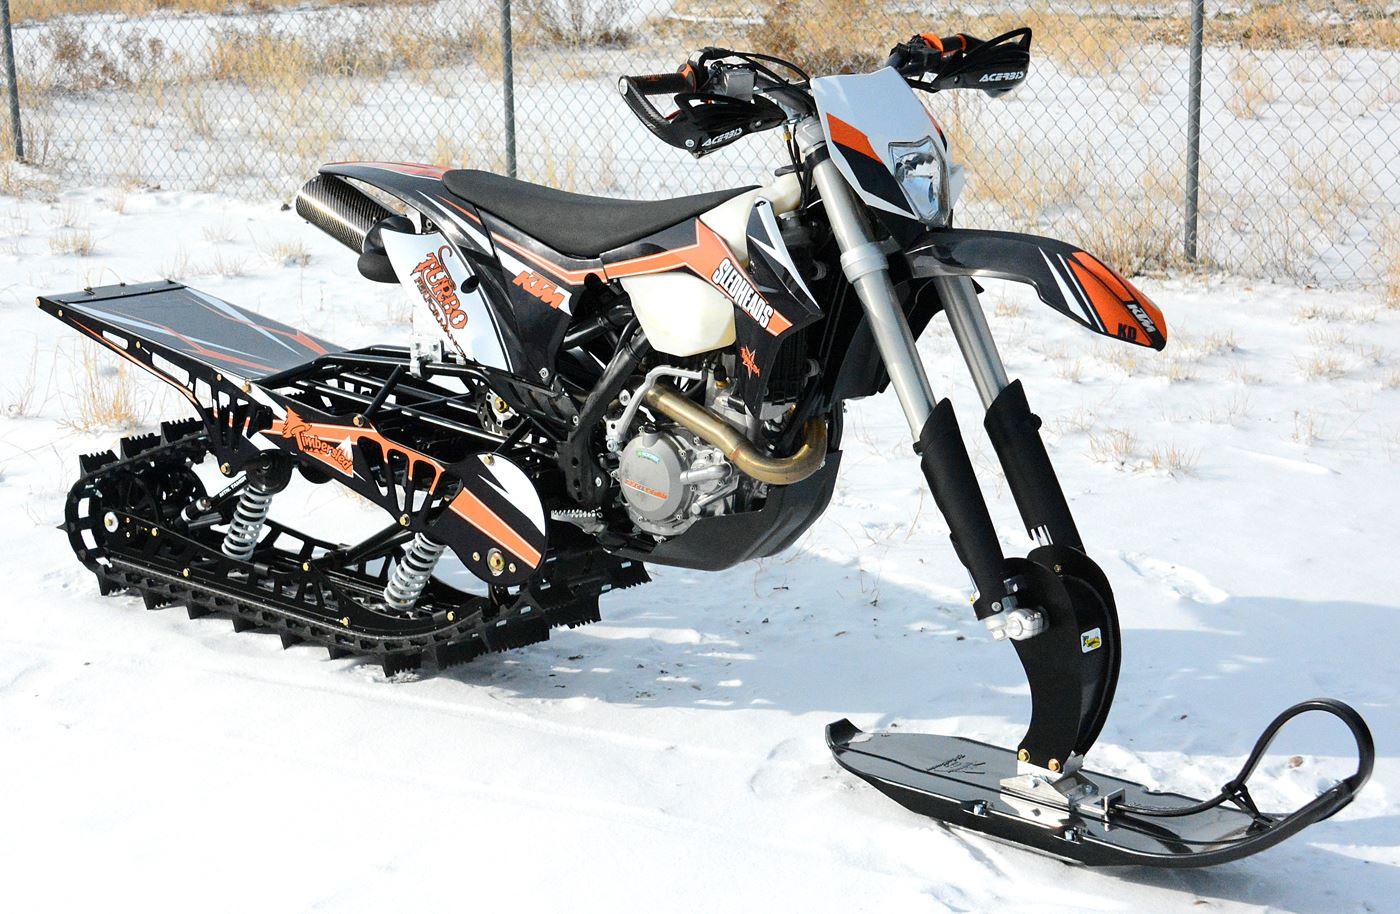 Snowest Snow Bike Project Ktm 500 Turbo Snow Bike World